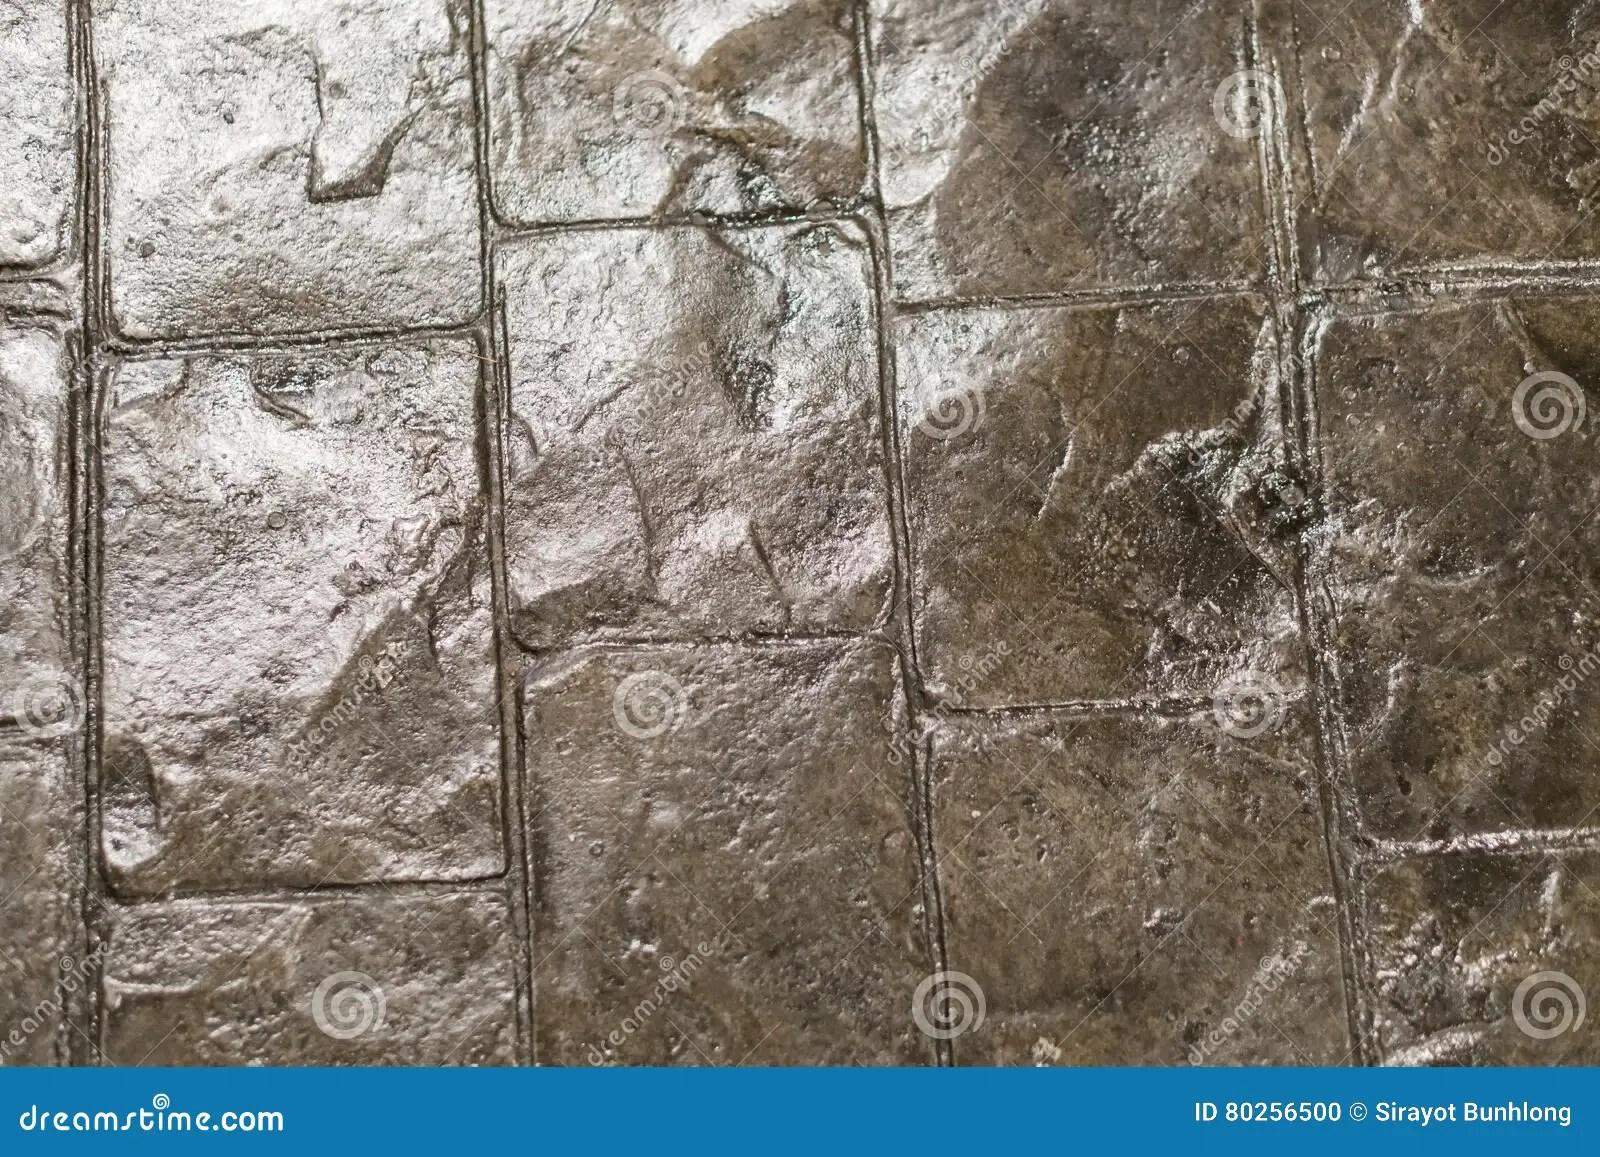 kitchen vinyl floor tiles ikea prices 提名难倒现代厨房的纹理乙烯基一个普遍的选择库存照片 图片包括有厨房 提名难倒现代厨房和卫生间的纹理乙烯基一个普遍的选择